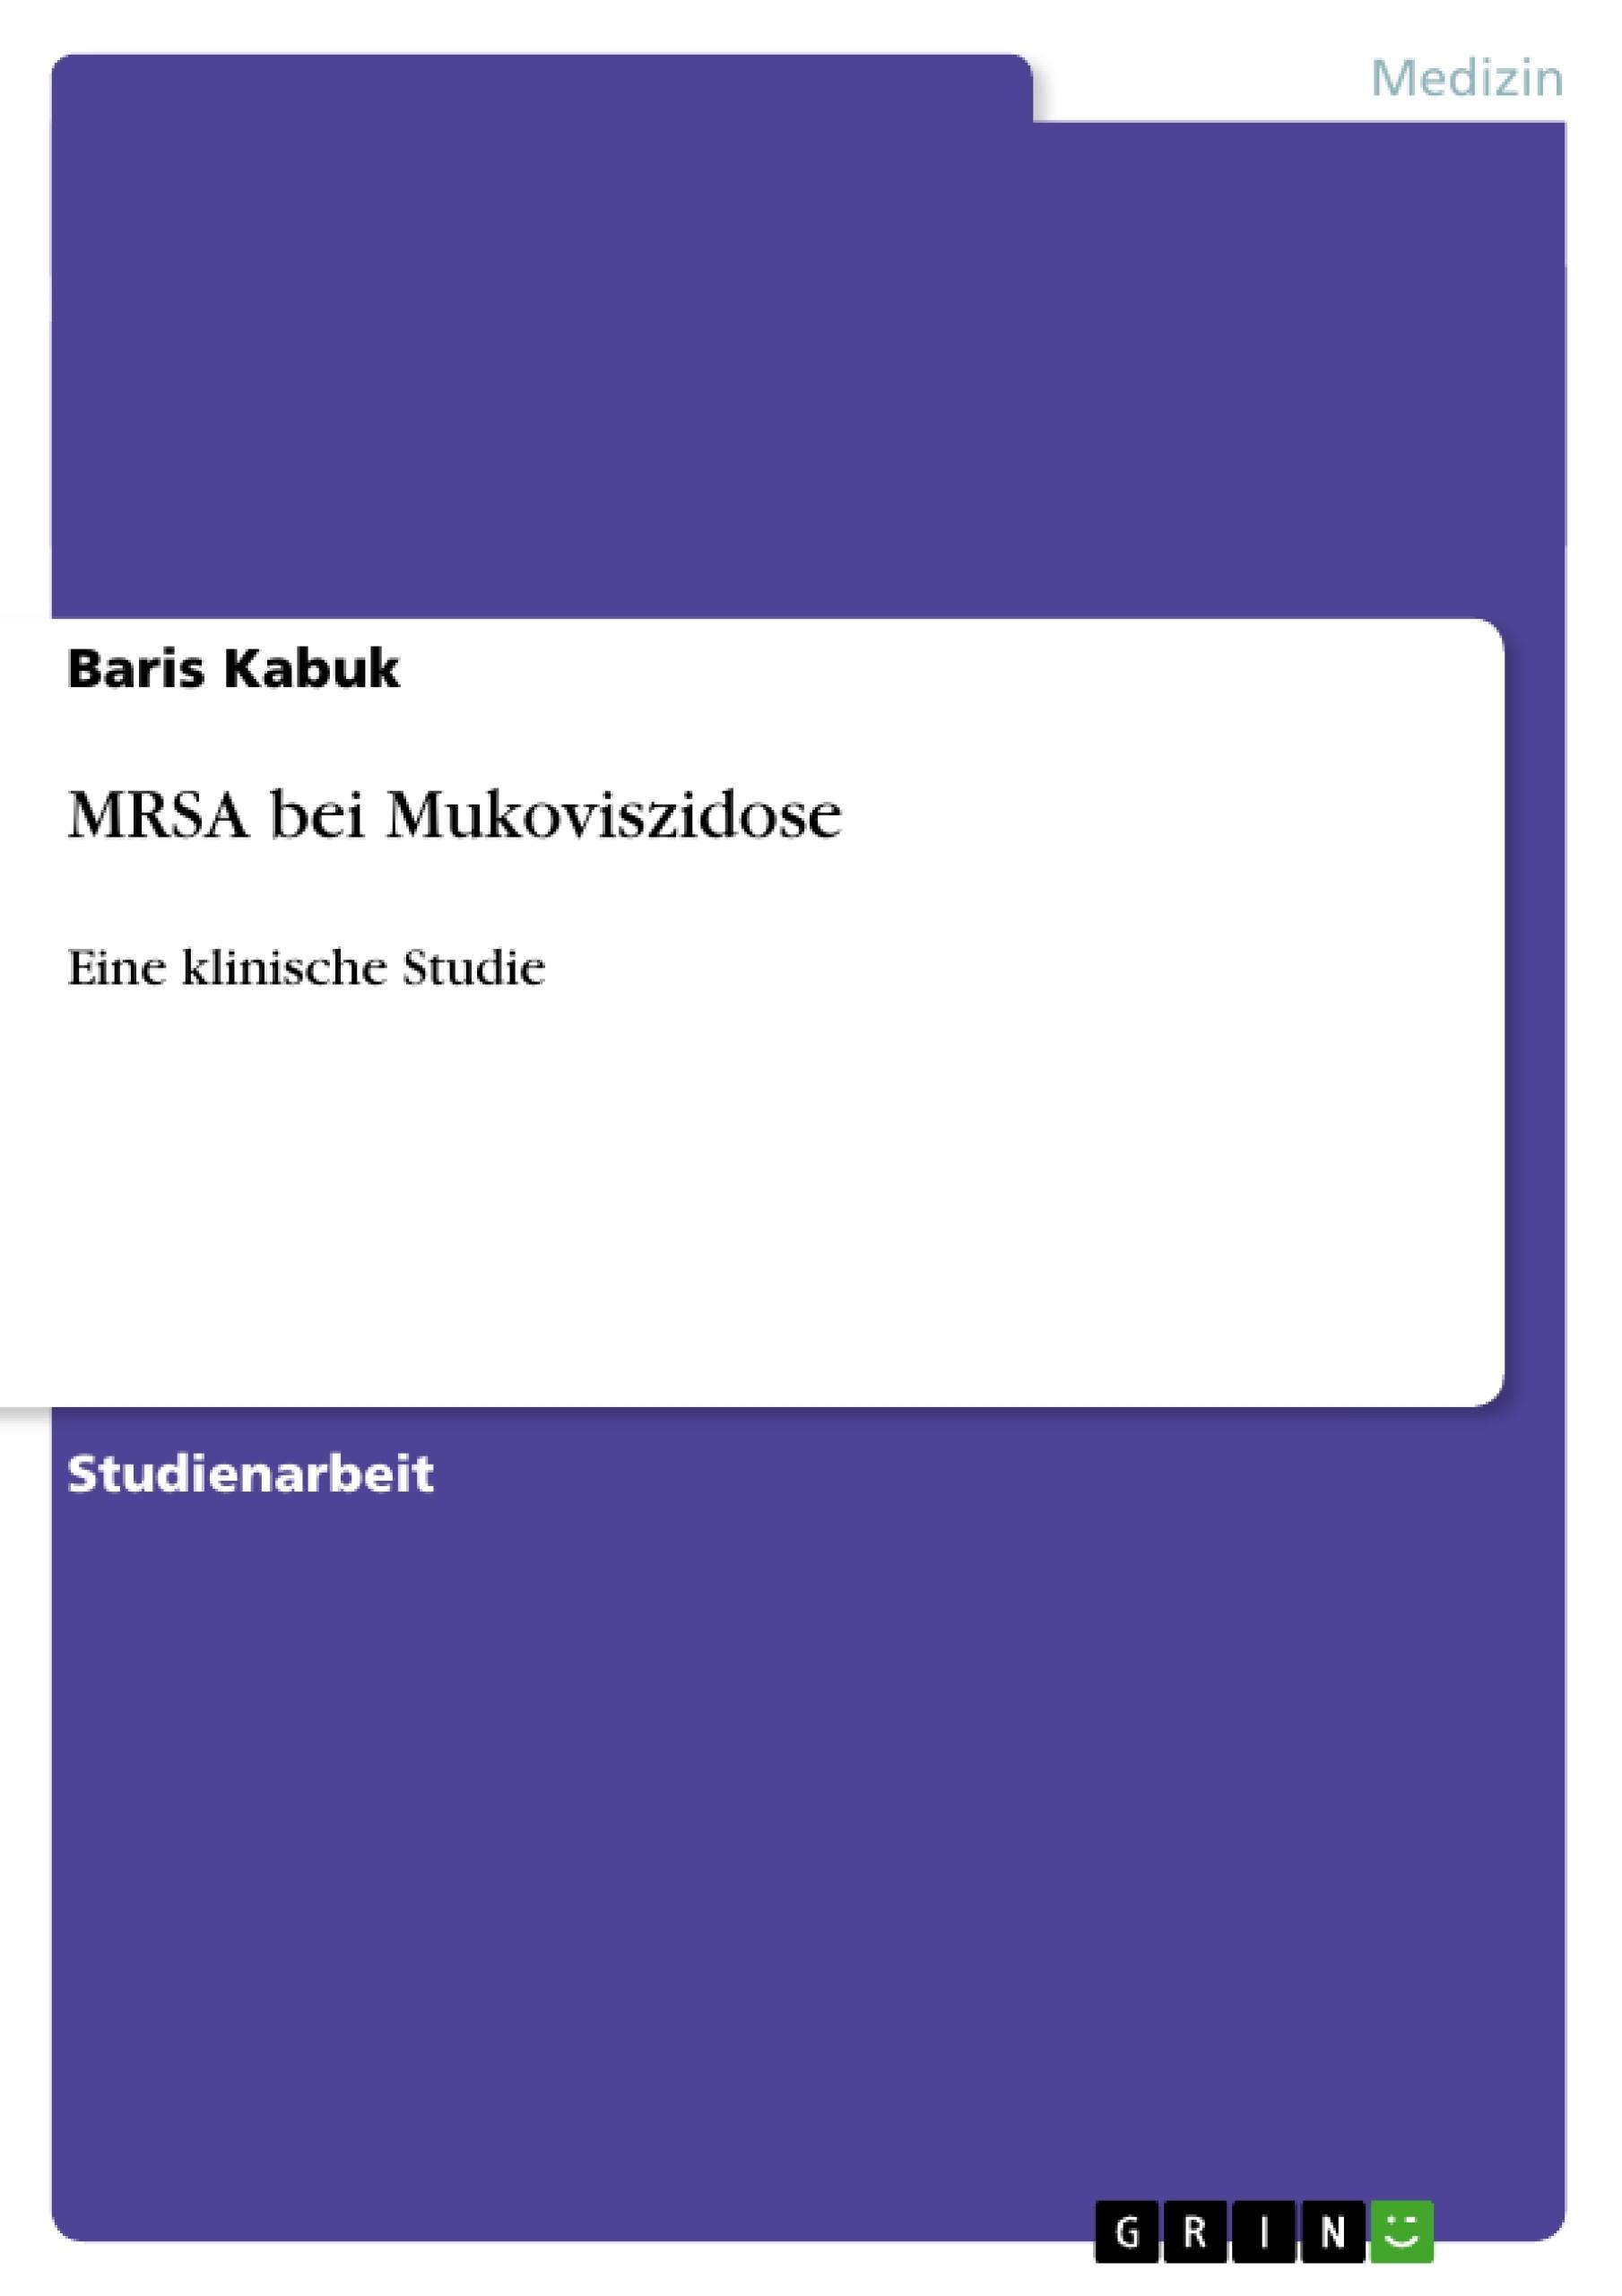 Titel: MRSA bei Mukoviszidose